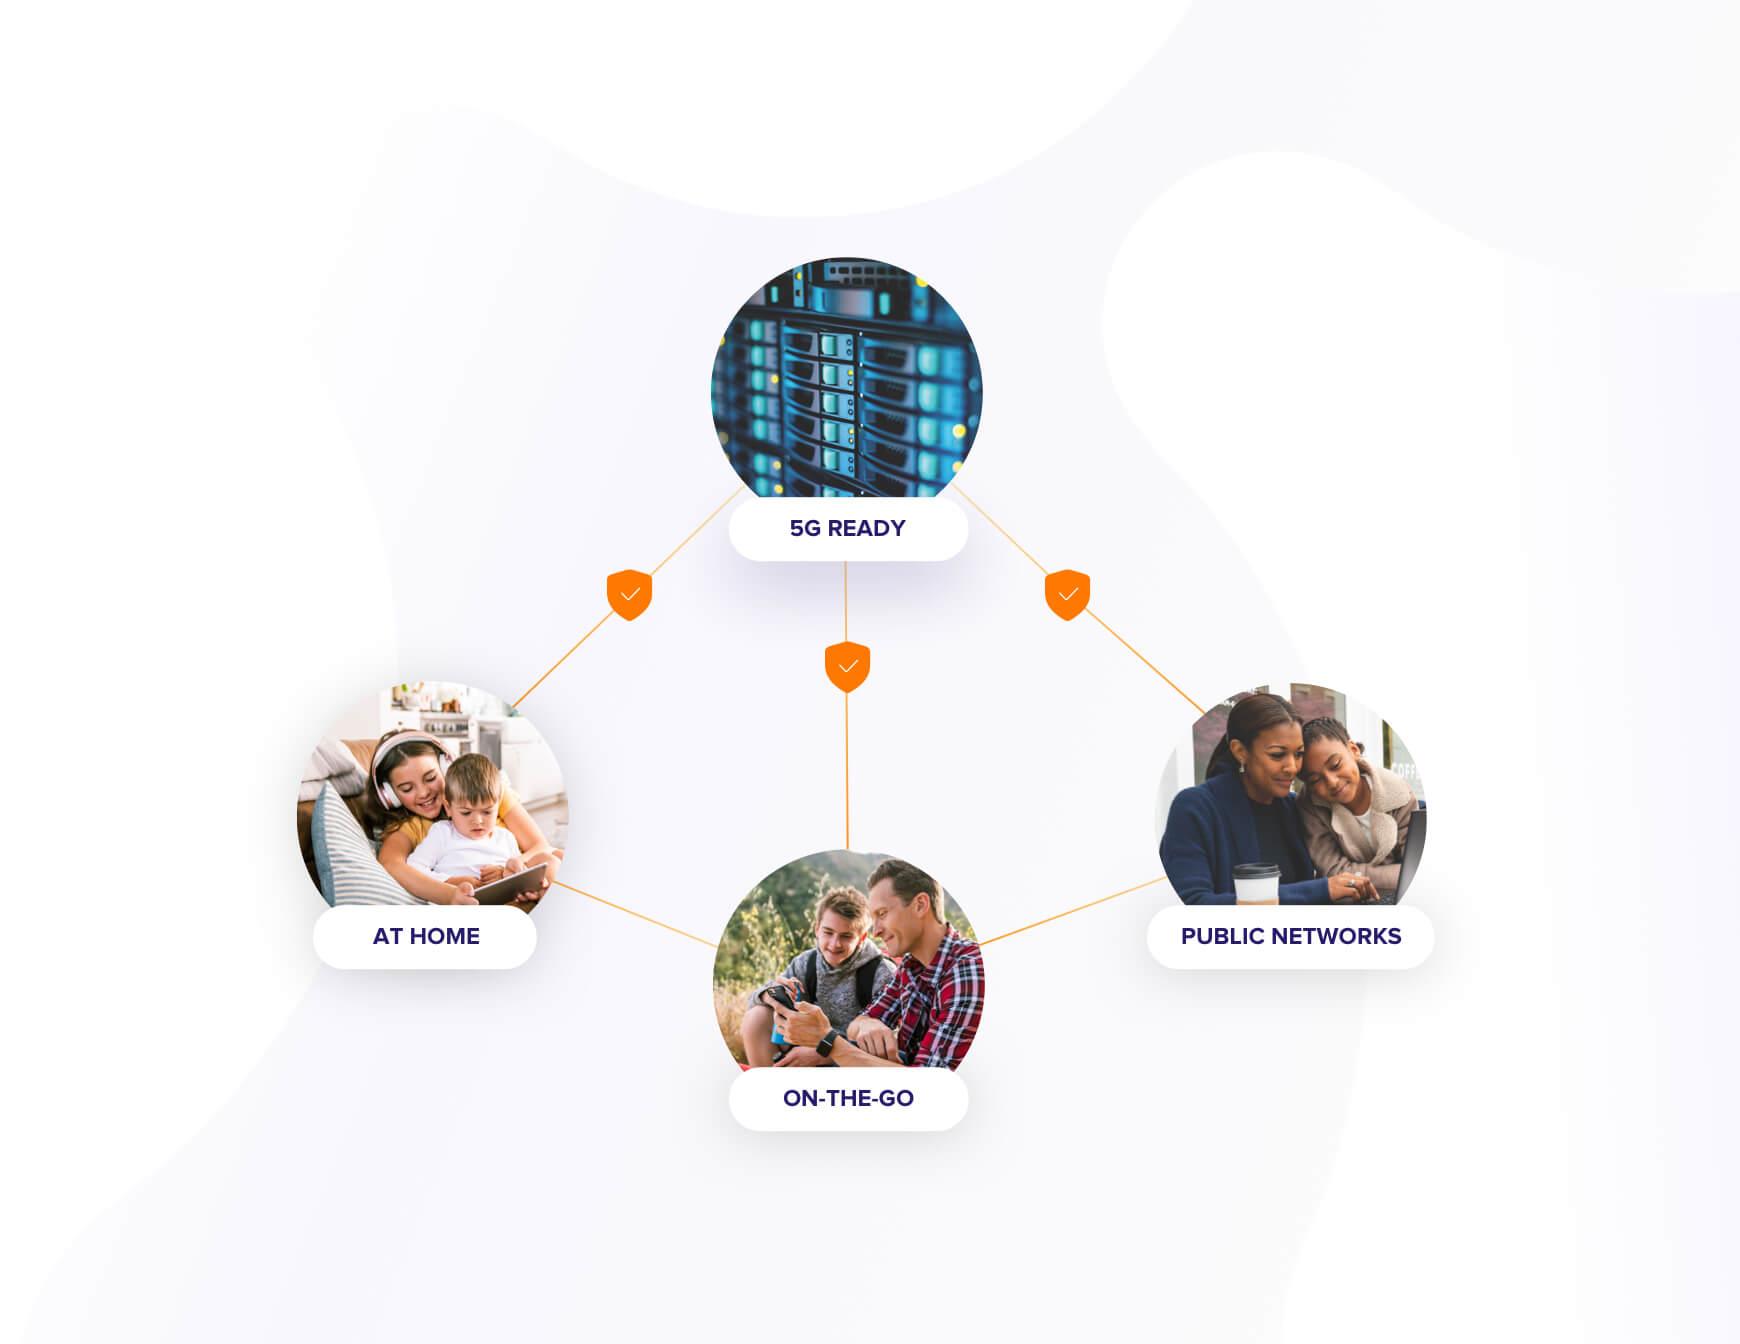 全面融合的产品可以保护您的客户的整个数字生活